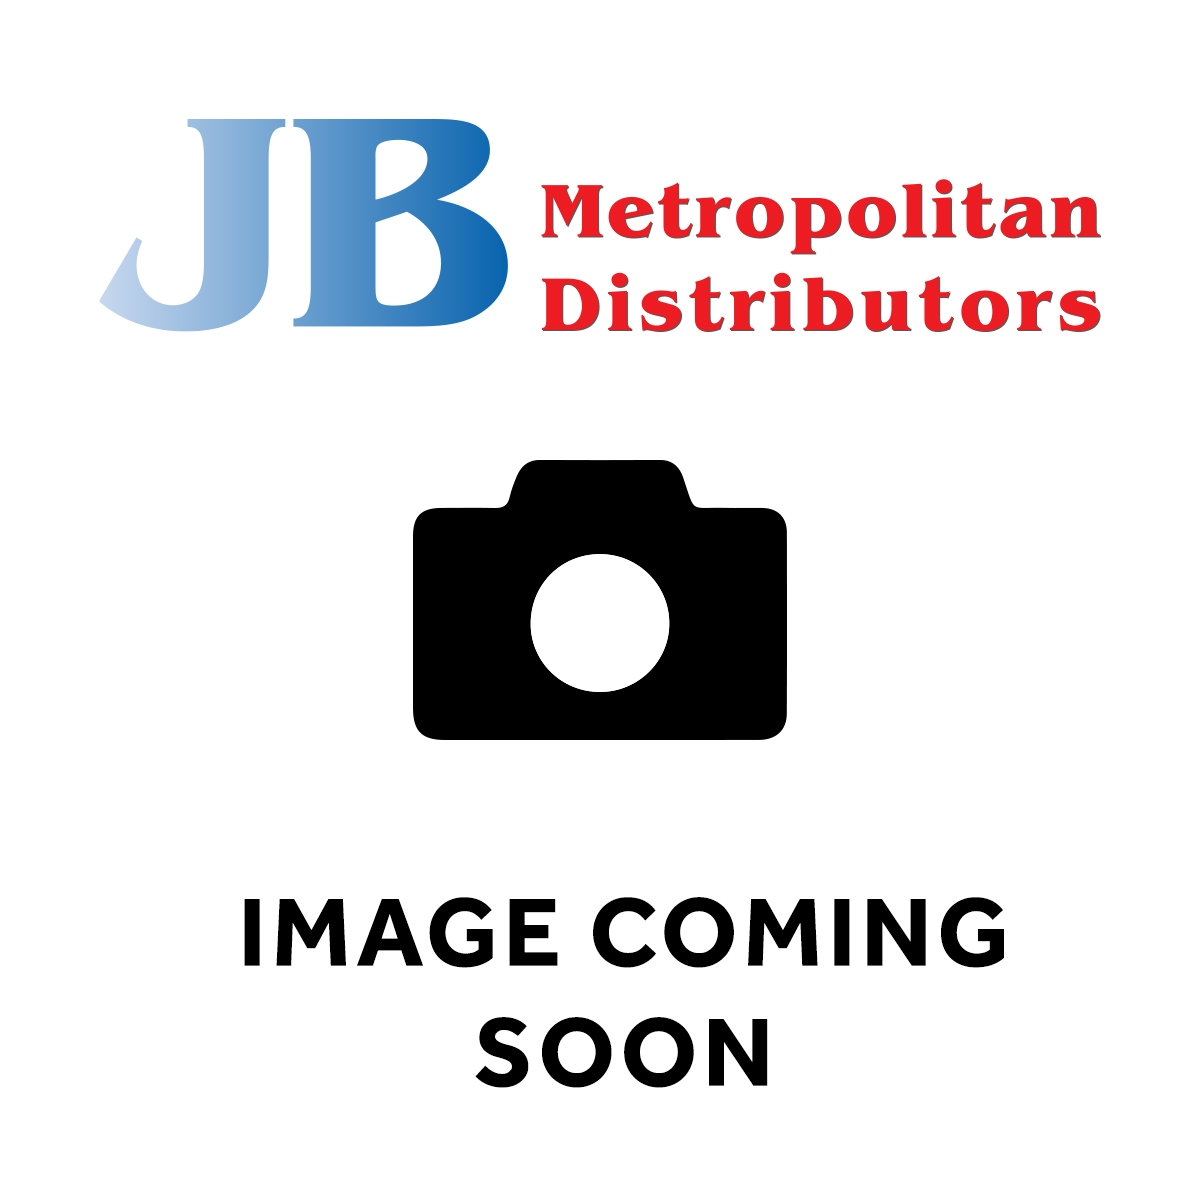 200ML J & J BABY OIL